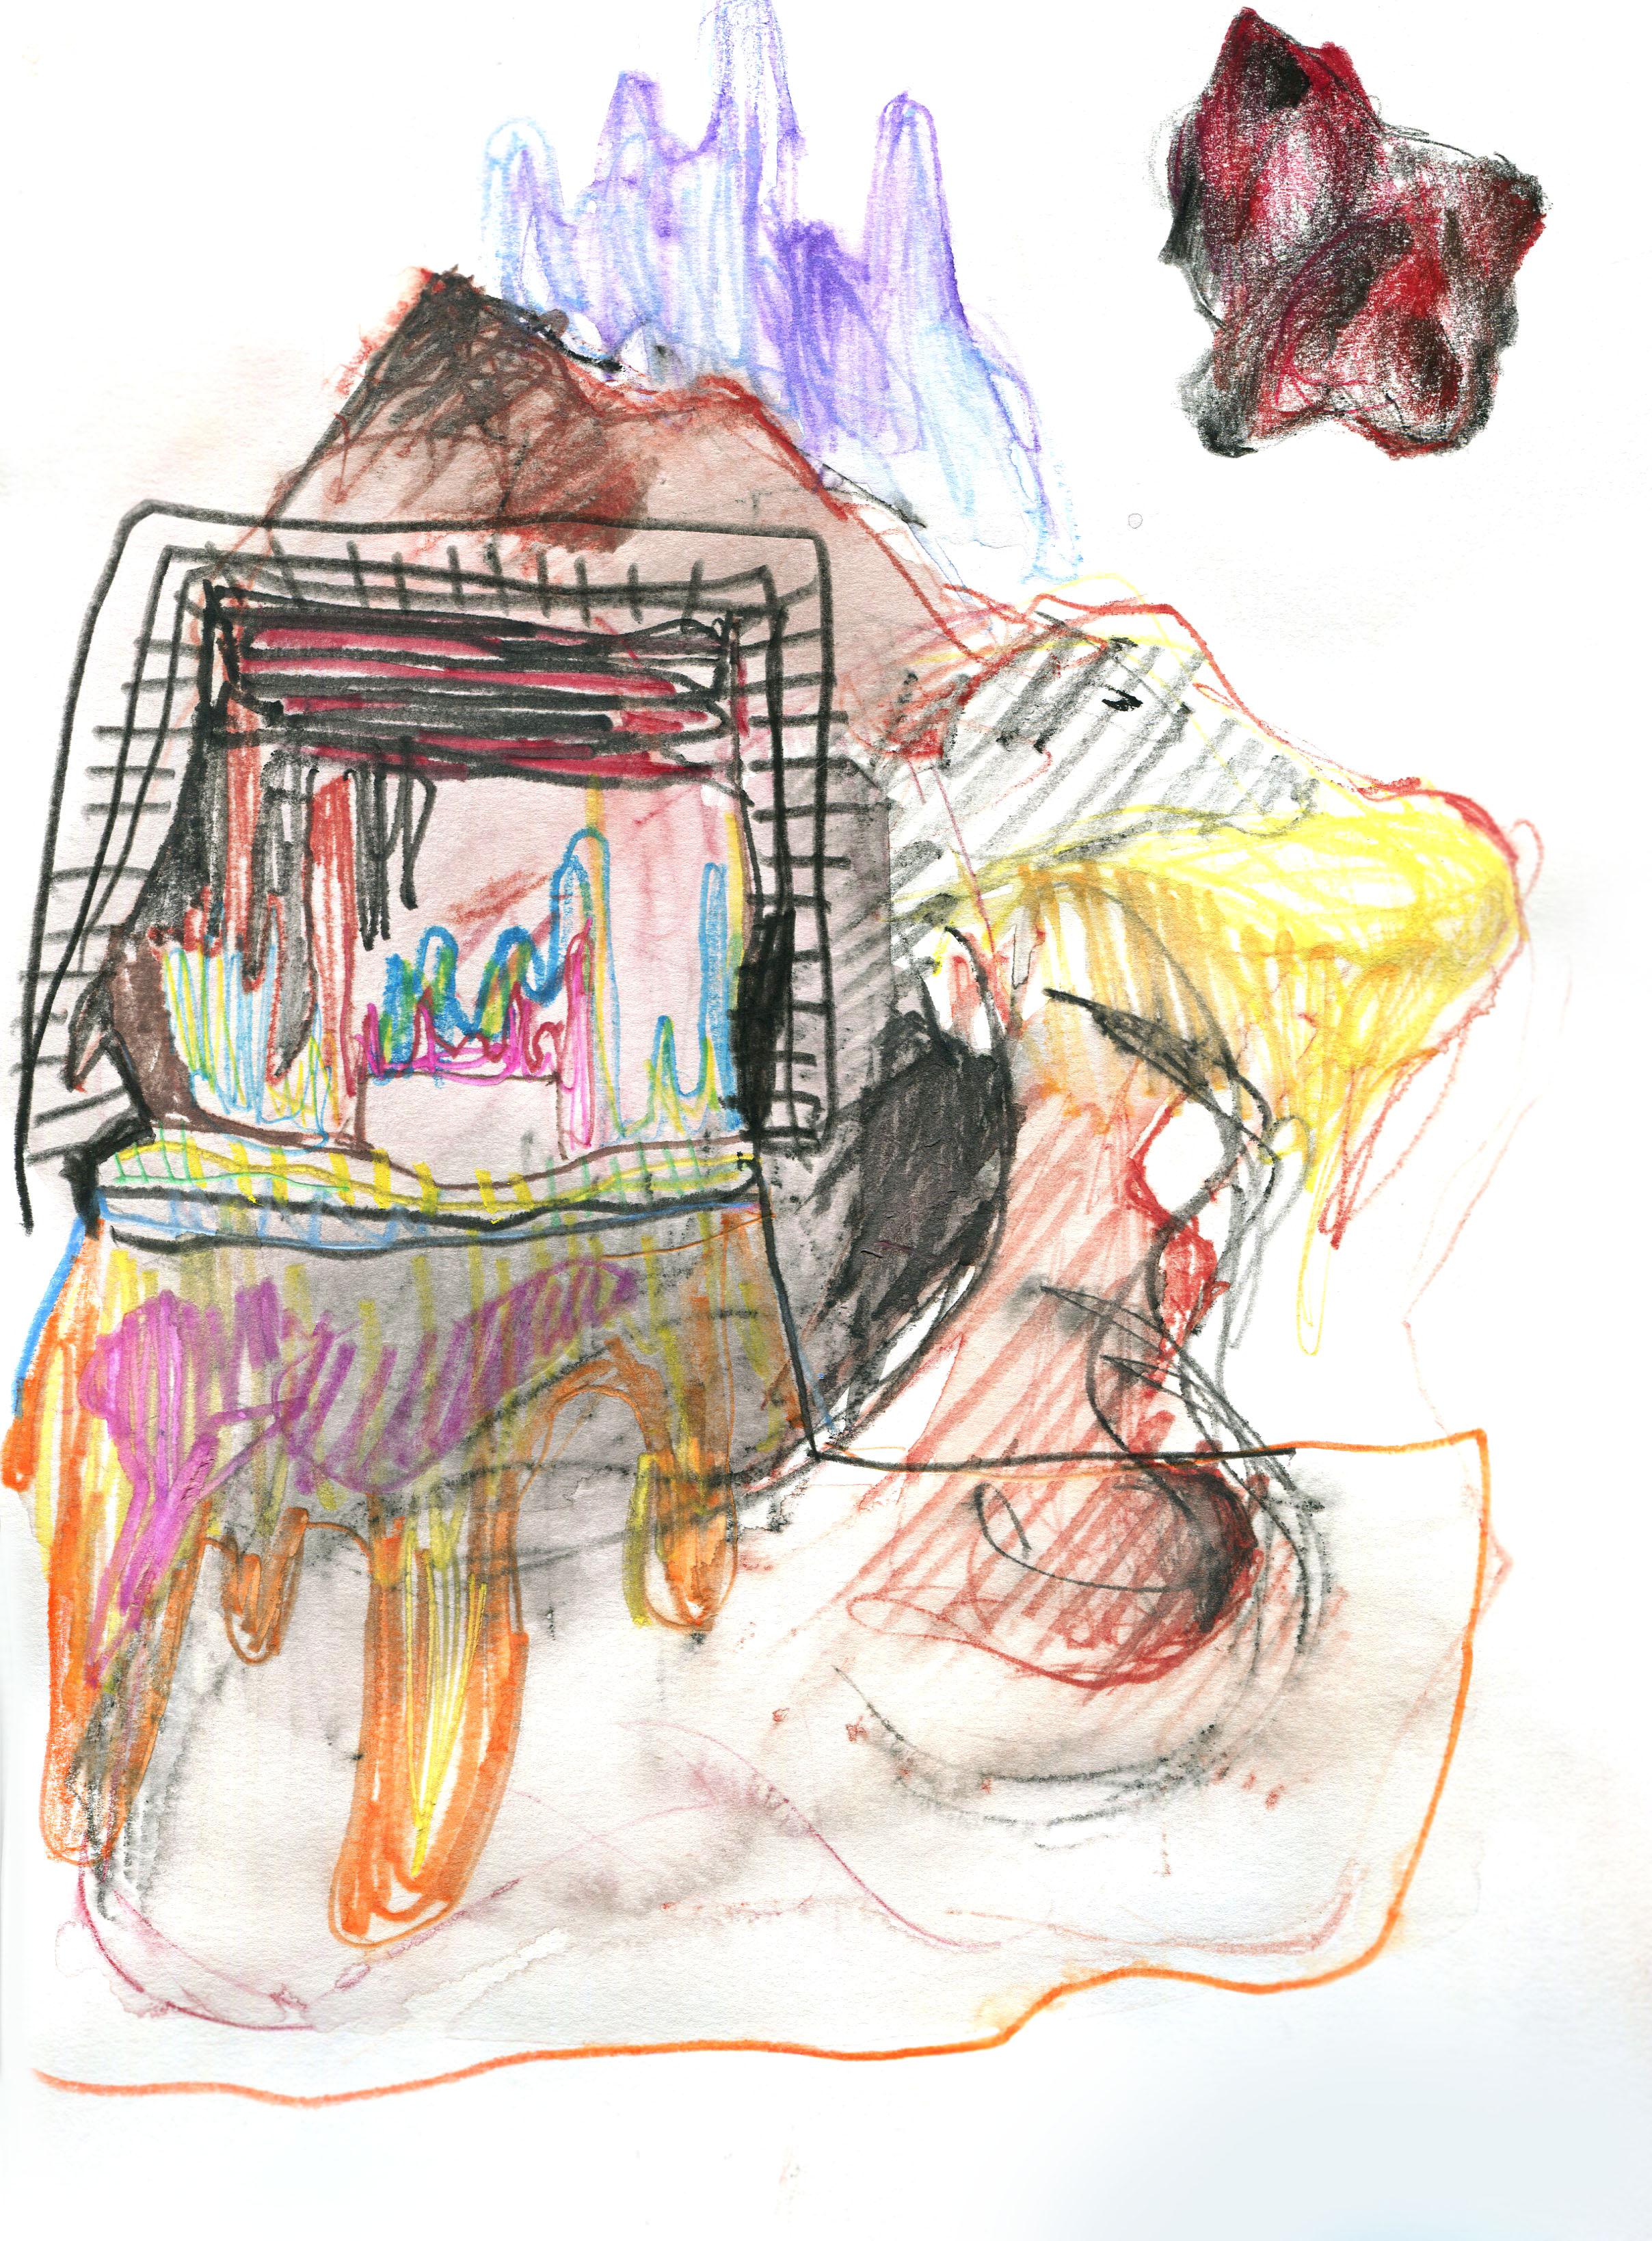 Melancholy series, colour pencil on paper, 2018